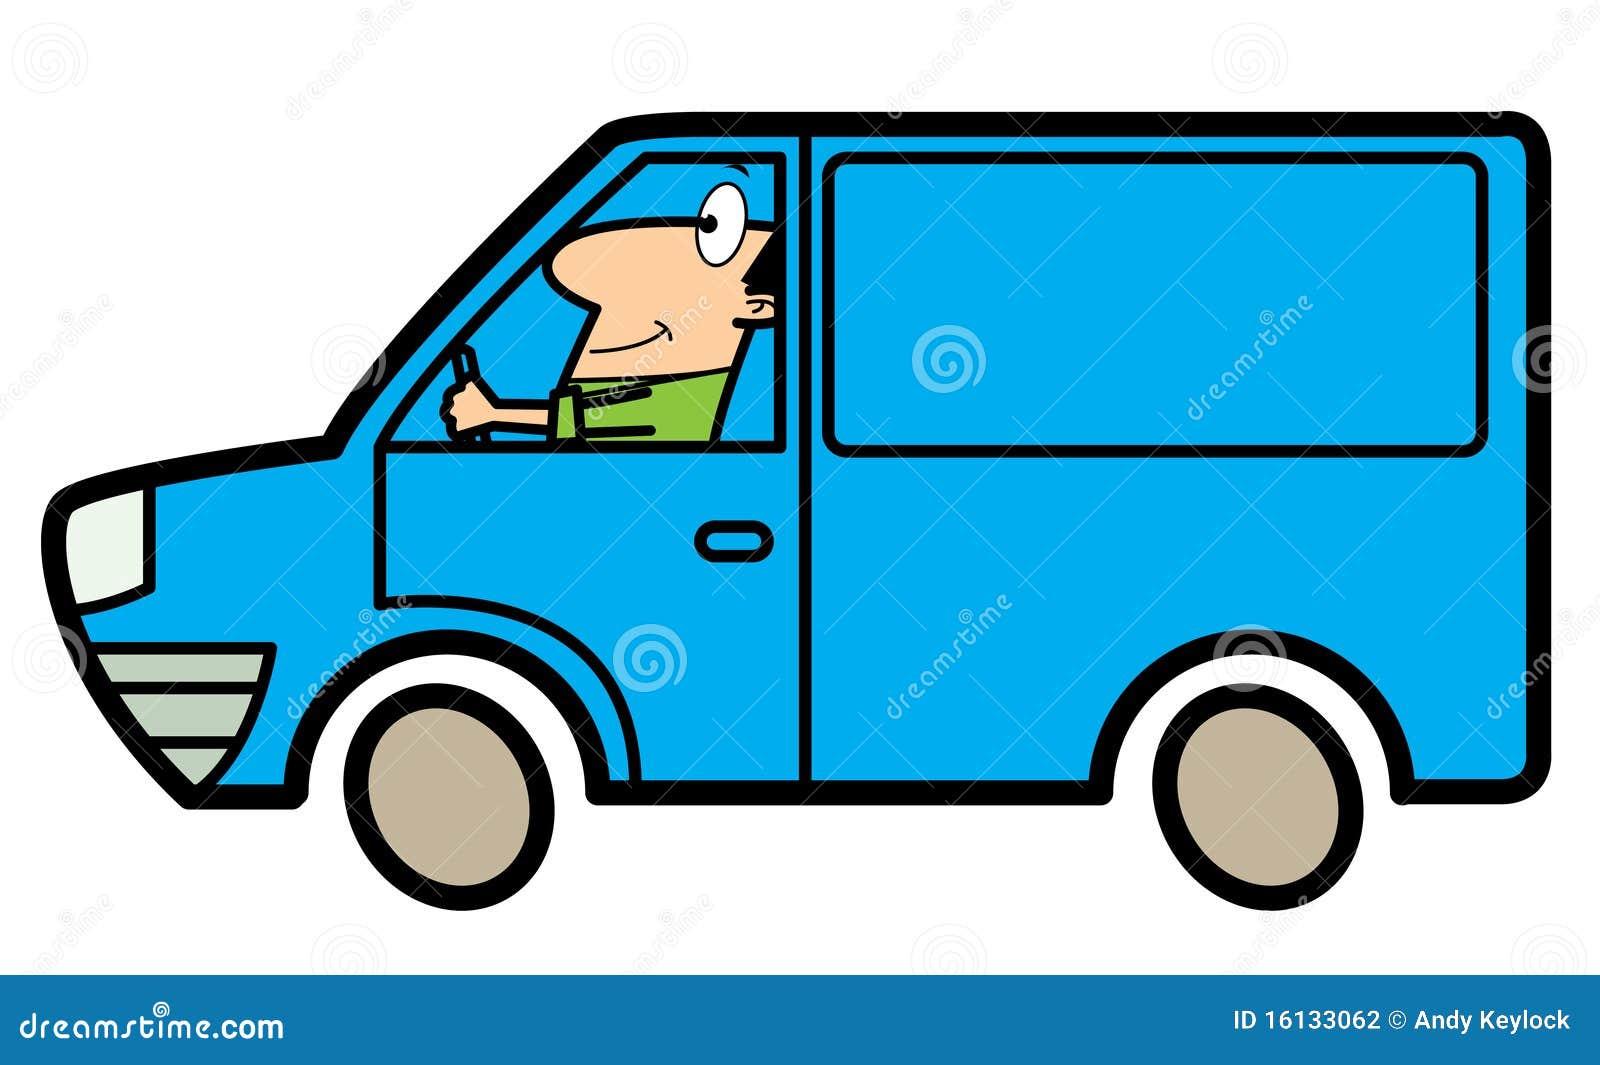 Homme De Dessin Animé Conduisant Un Camion Illustration De